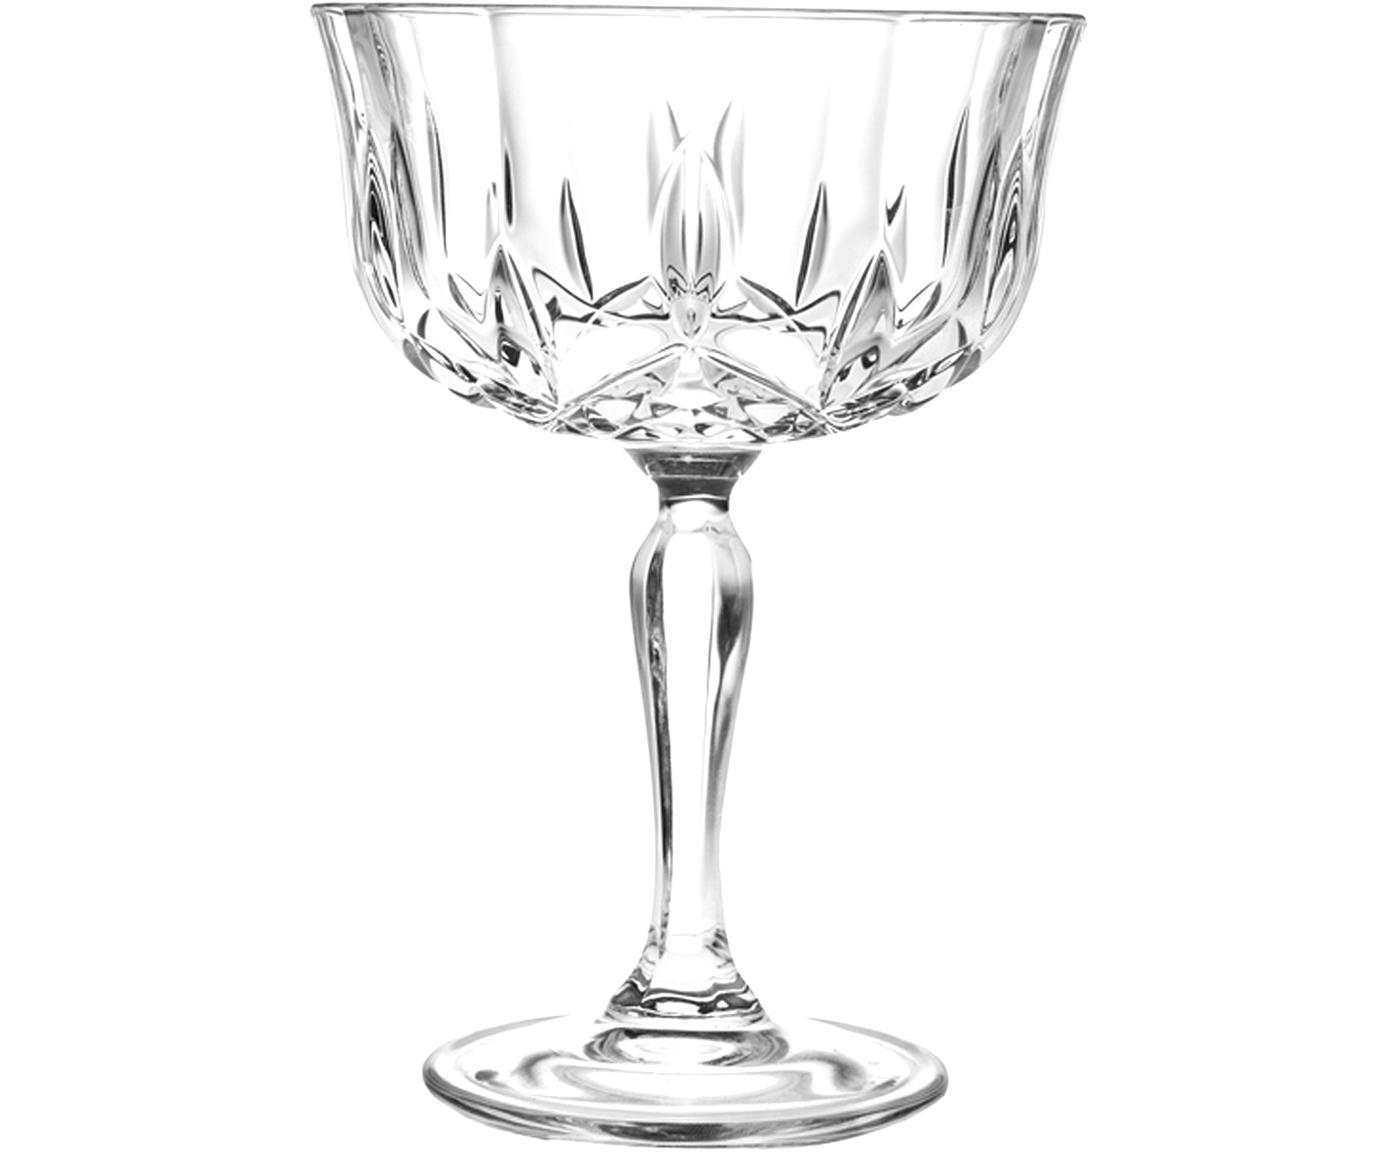 Kryształowy kieliszek do szampana Opera, 6 szt., Szkło kryształowe Luxion, Transparentny, Ø 10 x W 14 cm